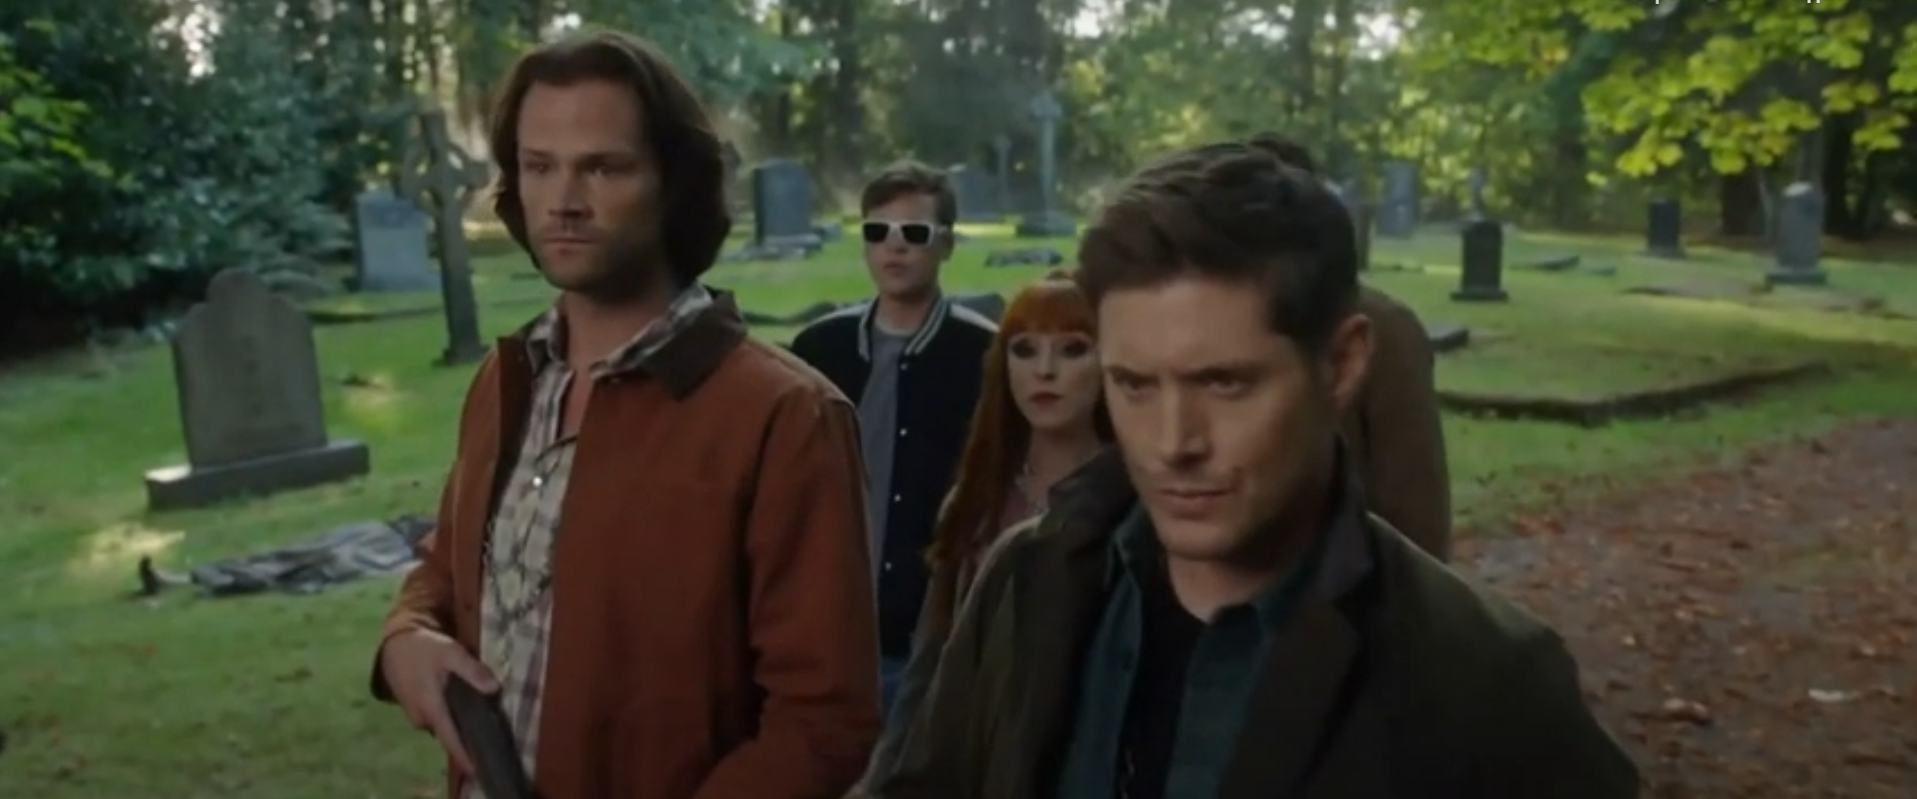 Кадр из сериала Сверхъестественное 15 сезон